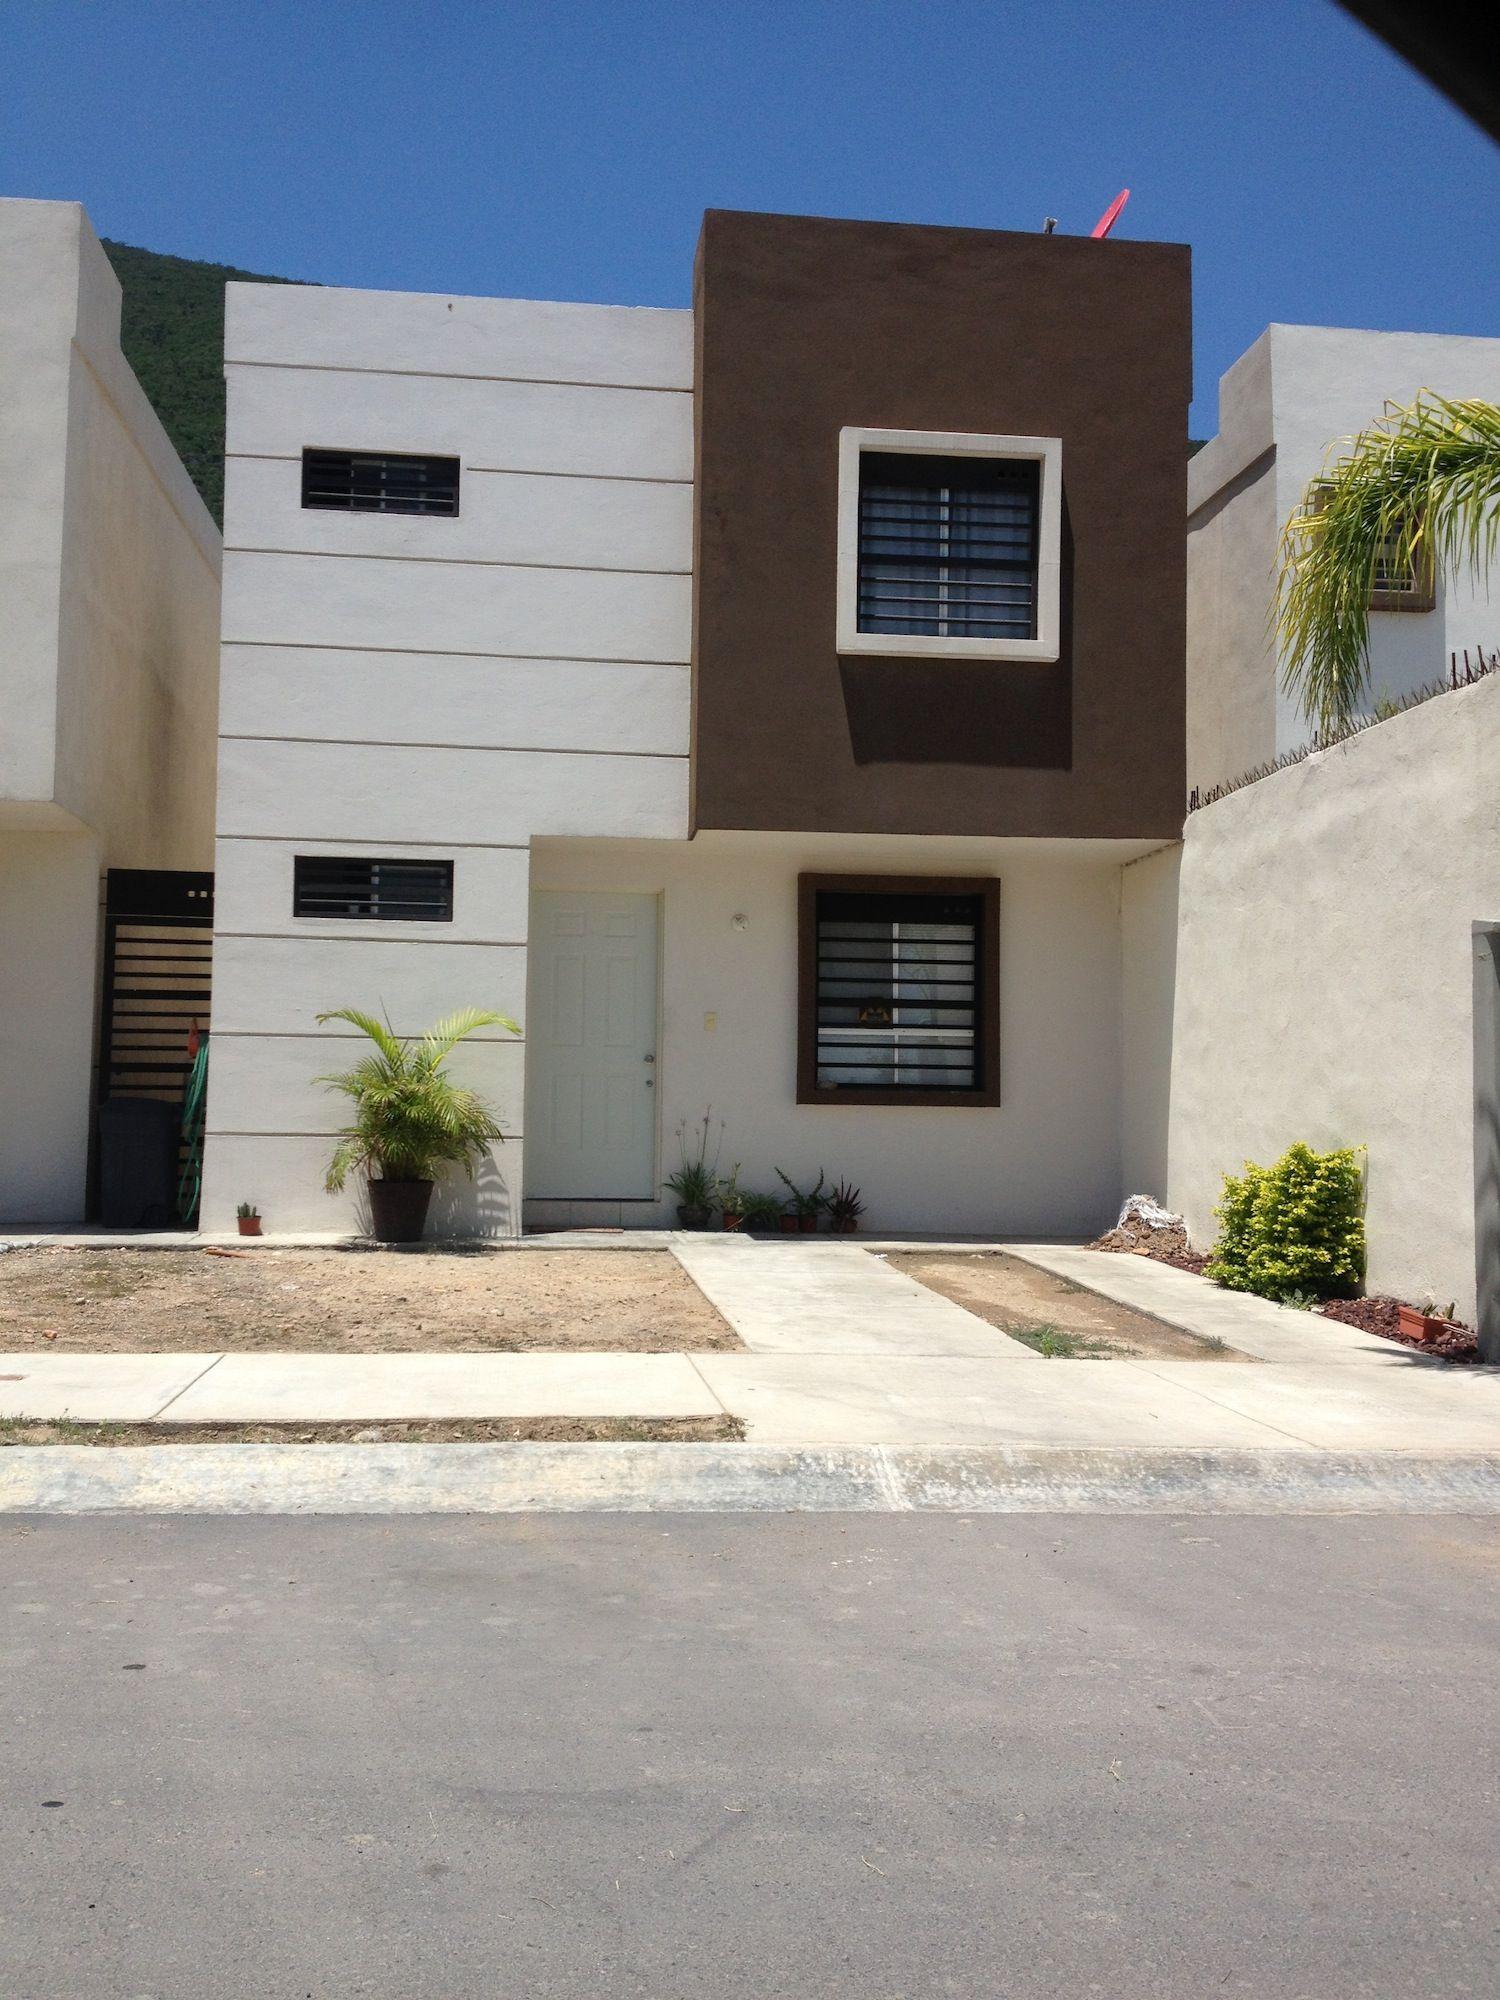 Casa en renta amueblada en Escobedo N.L Casas en venta